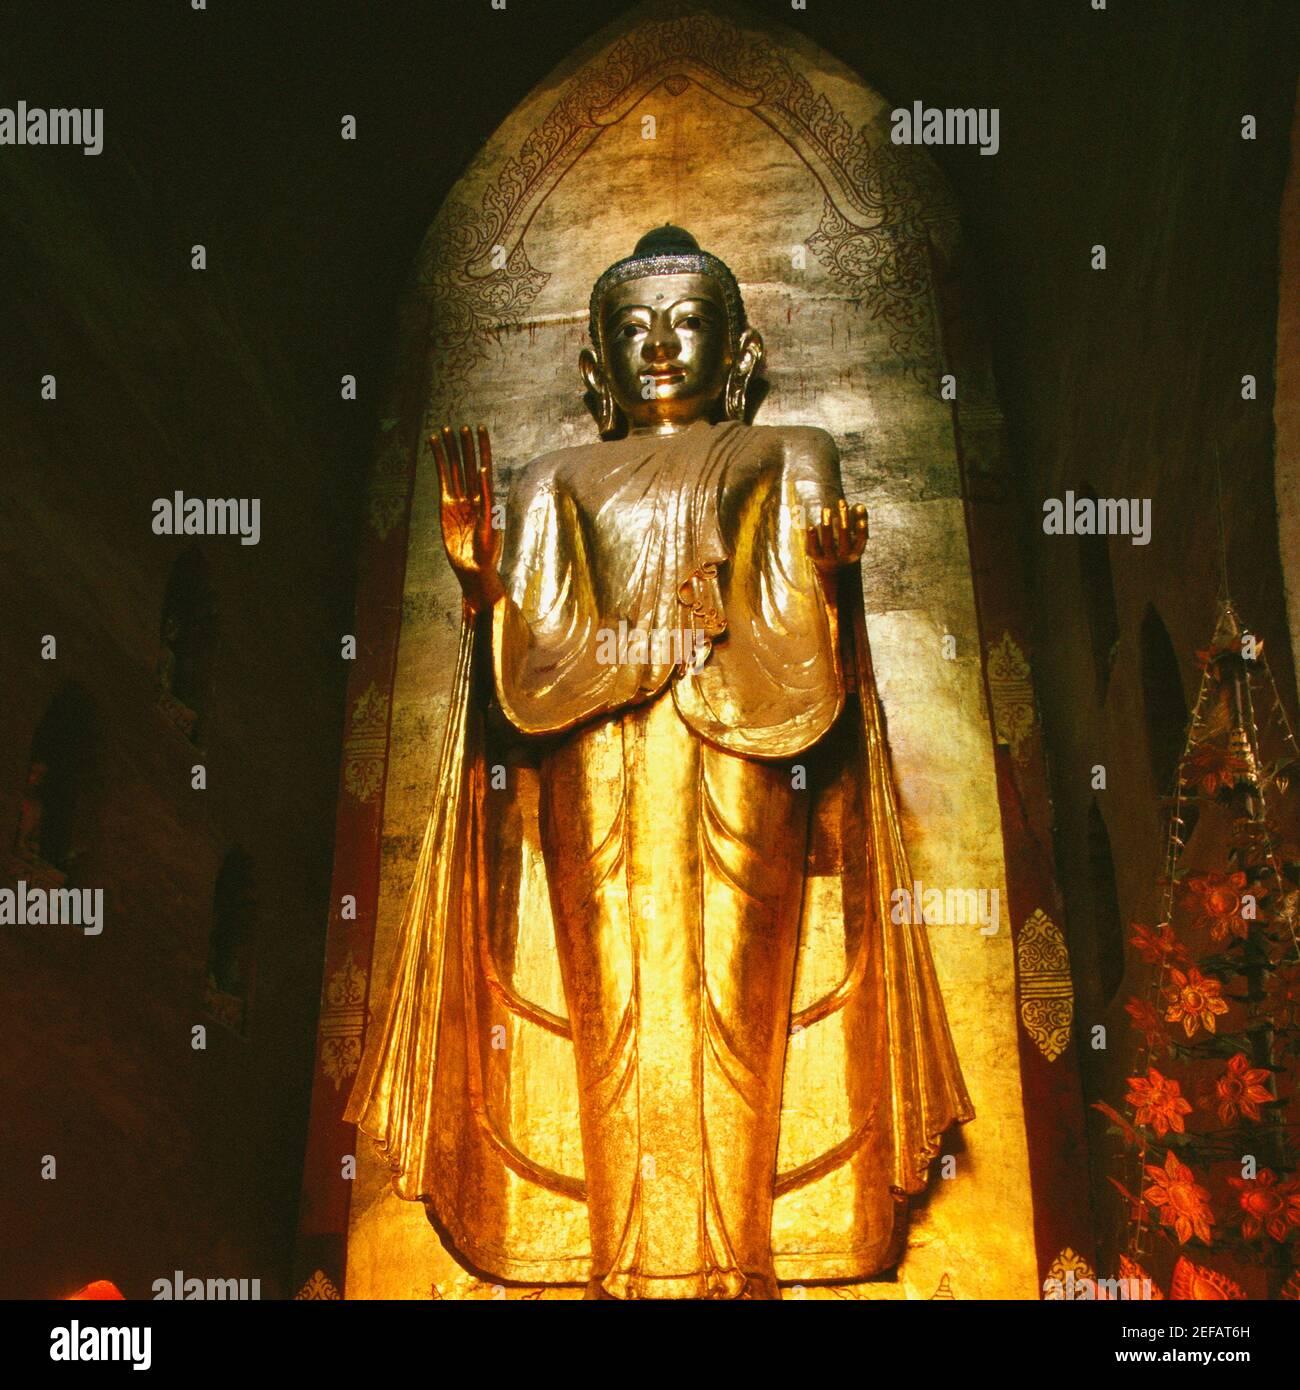 Vue à angle bas d'une statue de Bouddha, temple d'Ananda, Bagan, Myanmar Banque D'Images